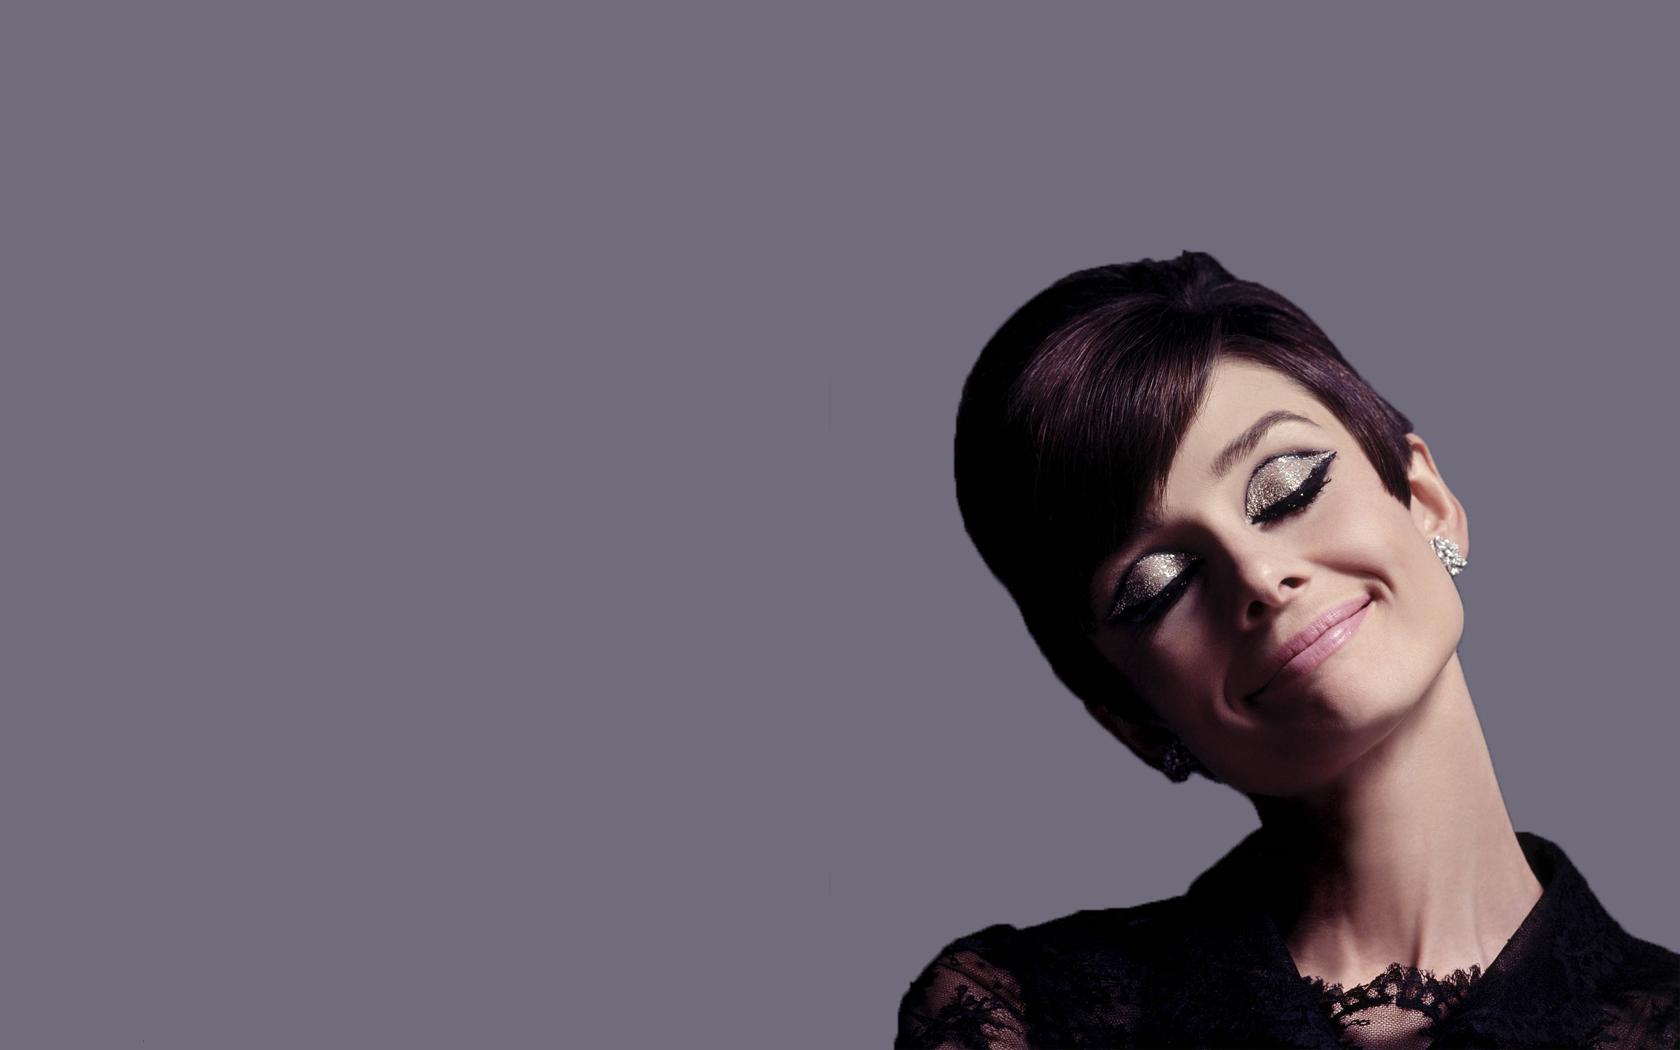 Audrey Hepburn Desktop Wallpapers HD 1680x1050